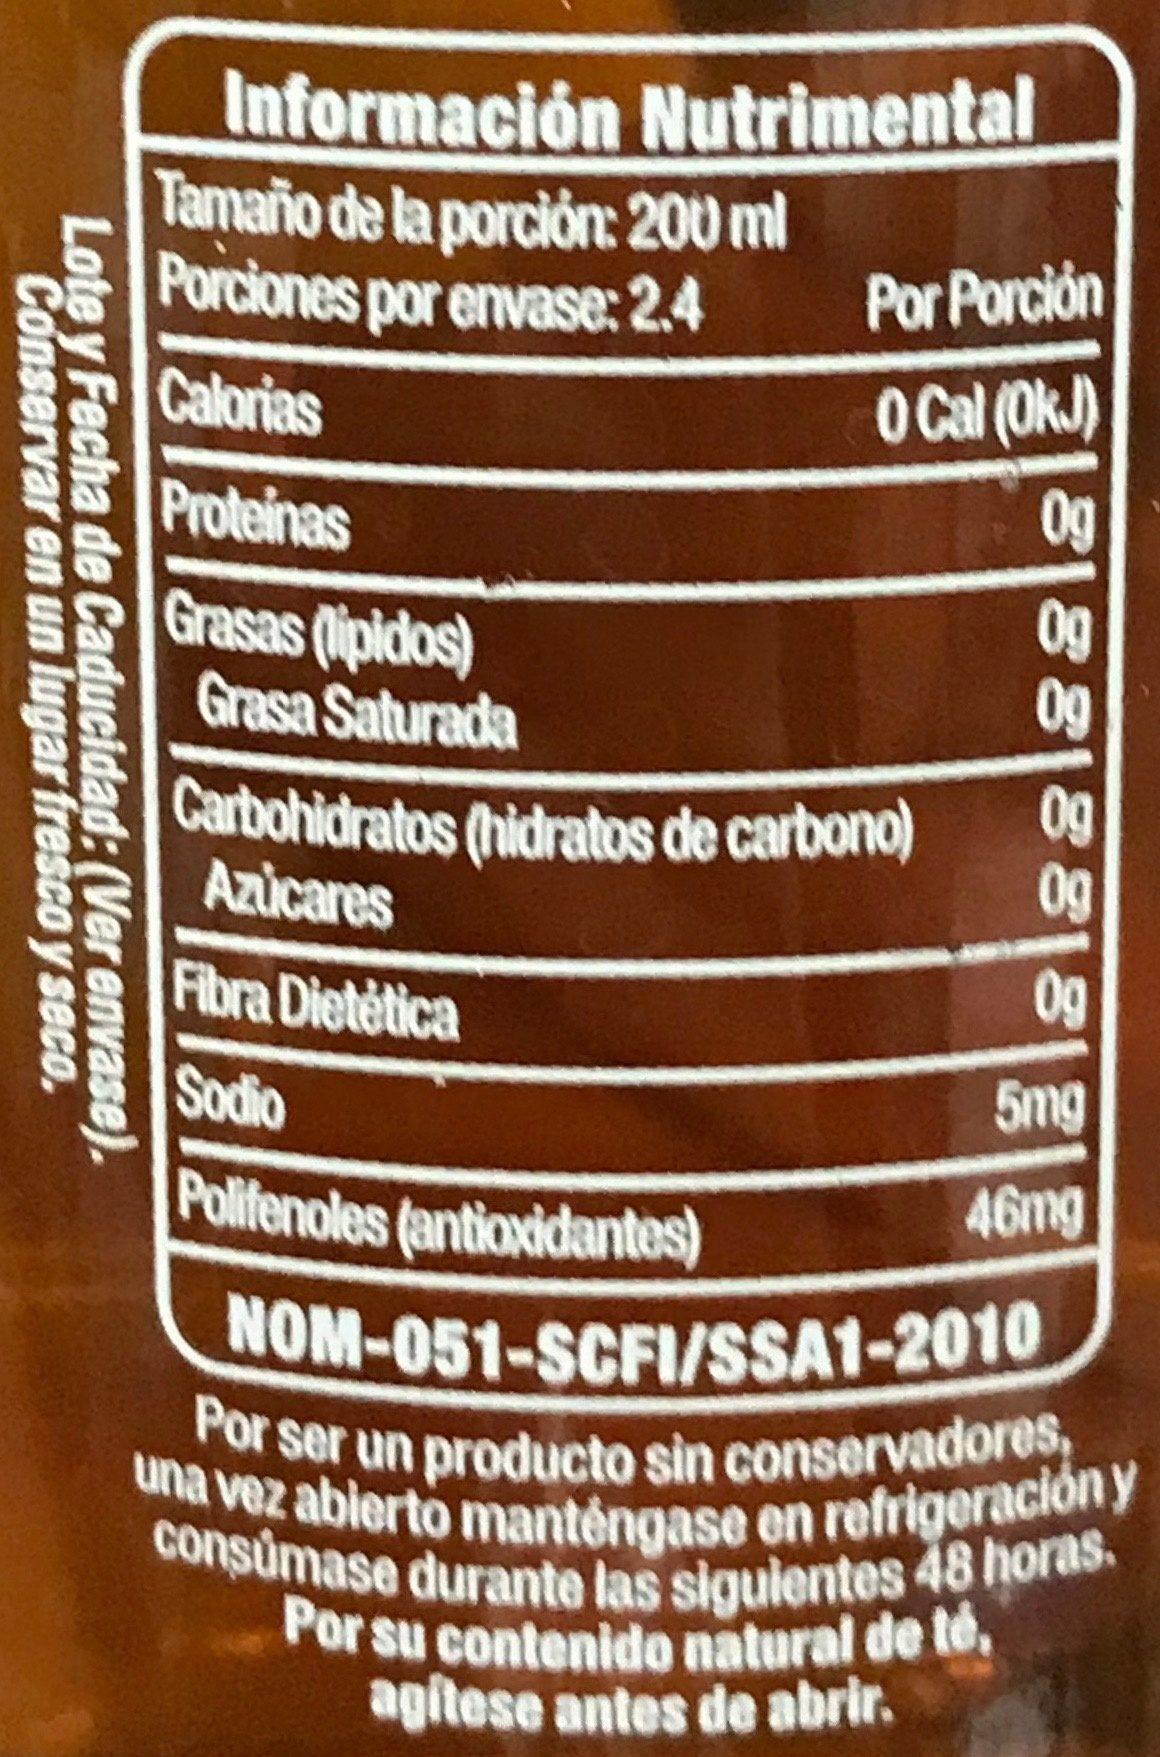 Nature's Factory Té verde sabor Citrus - Informations nutritionnelles